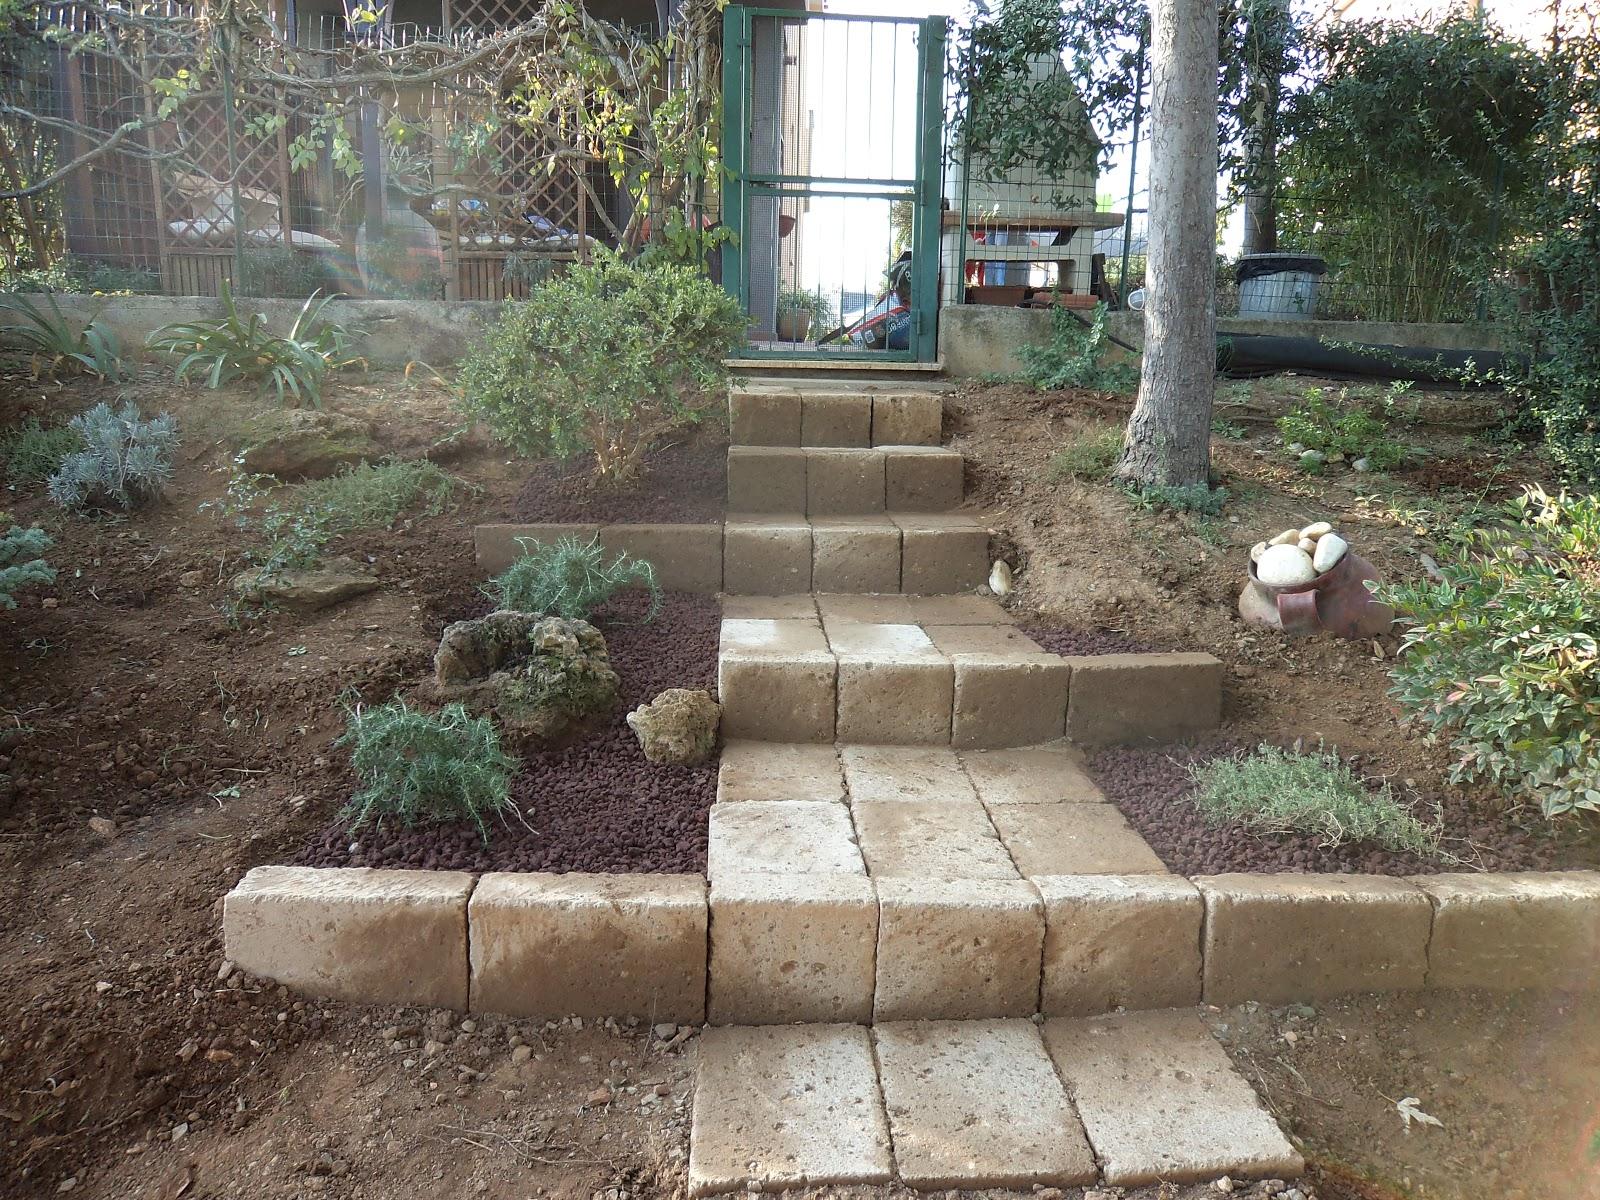 I giardini di carlo e letizia ottobre 2012 for Giardini in pietra